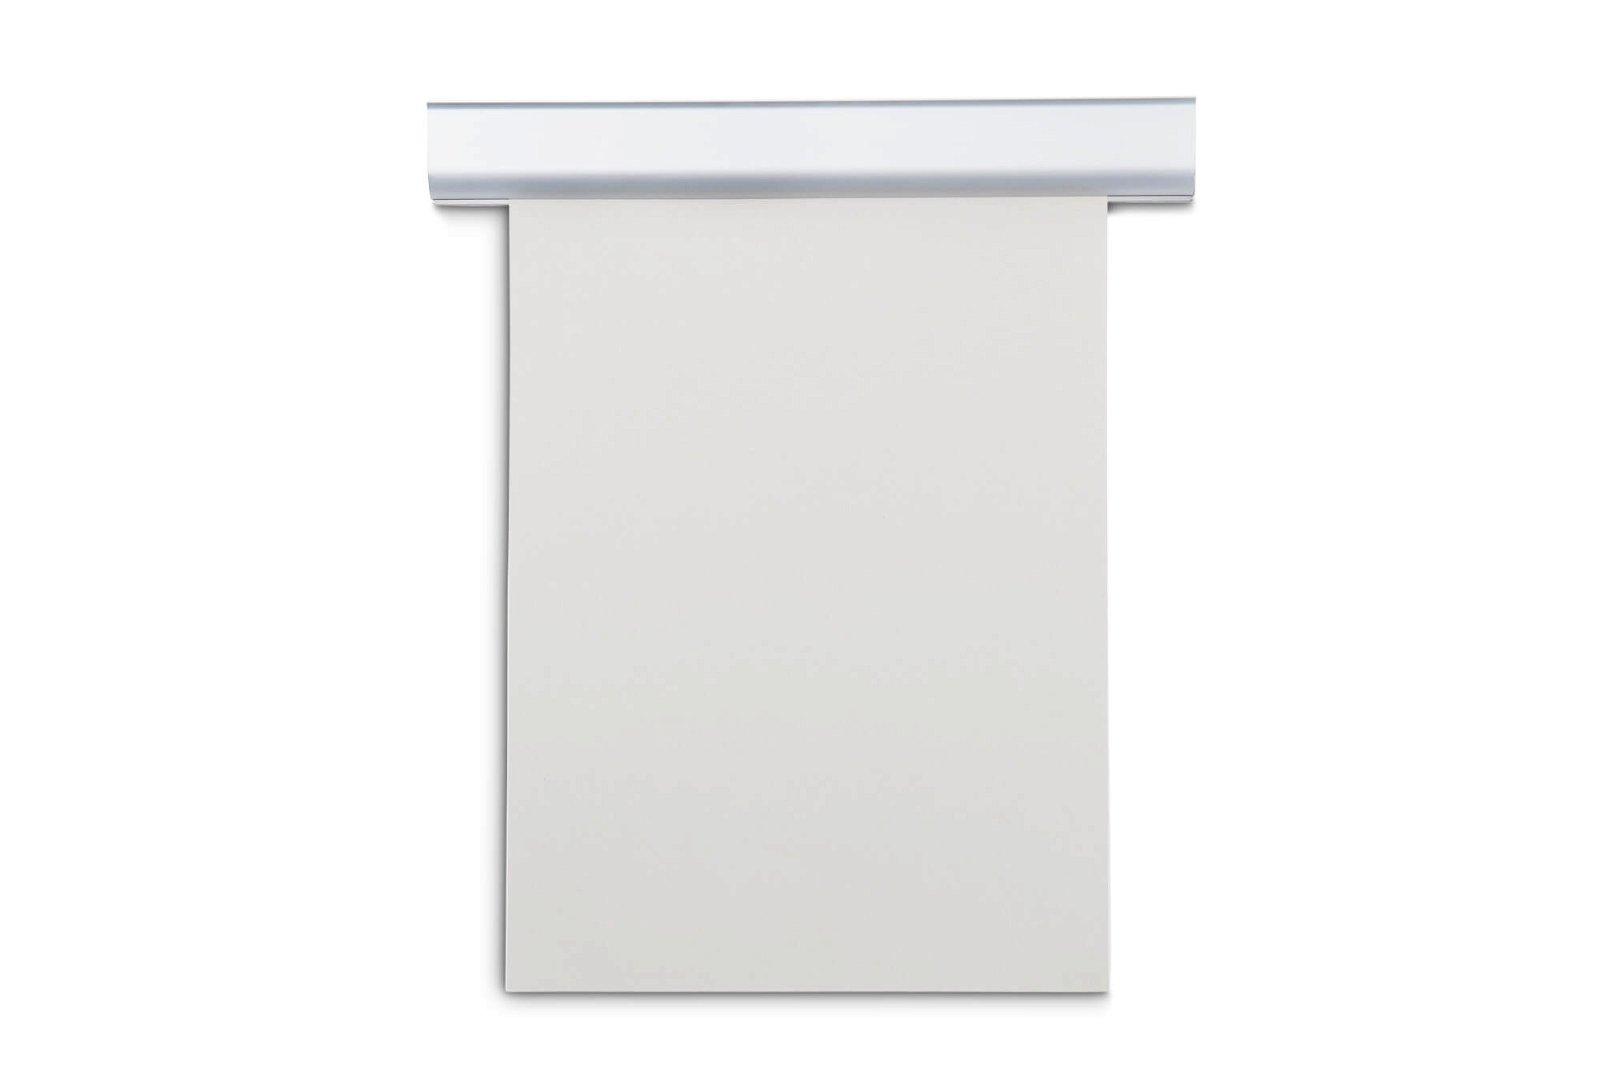 Klemmleiste Aluminium, Länge 30,5 cm, aluminium